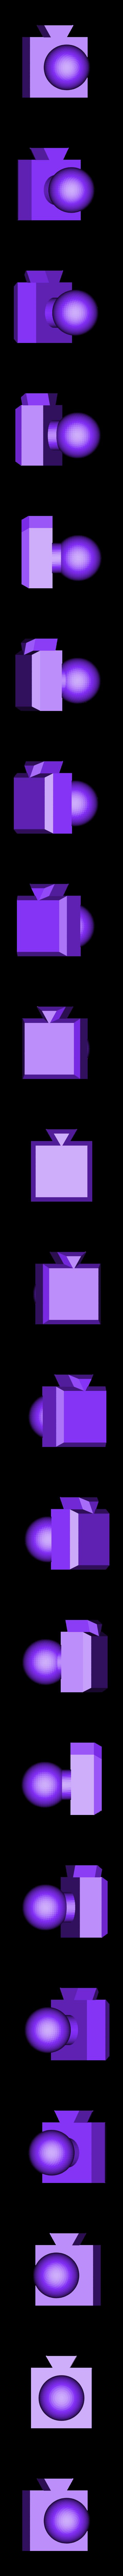 BALL_JOINT-ball.square.dovetail.STL Télécharger fichier STL gratuit Cybran T2 Destroyer - Salem Class • Plan à imprimer en 3D, Steyrc